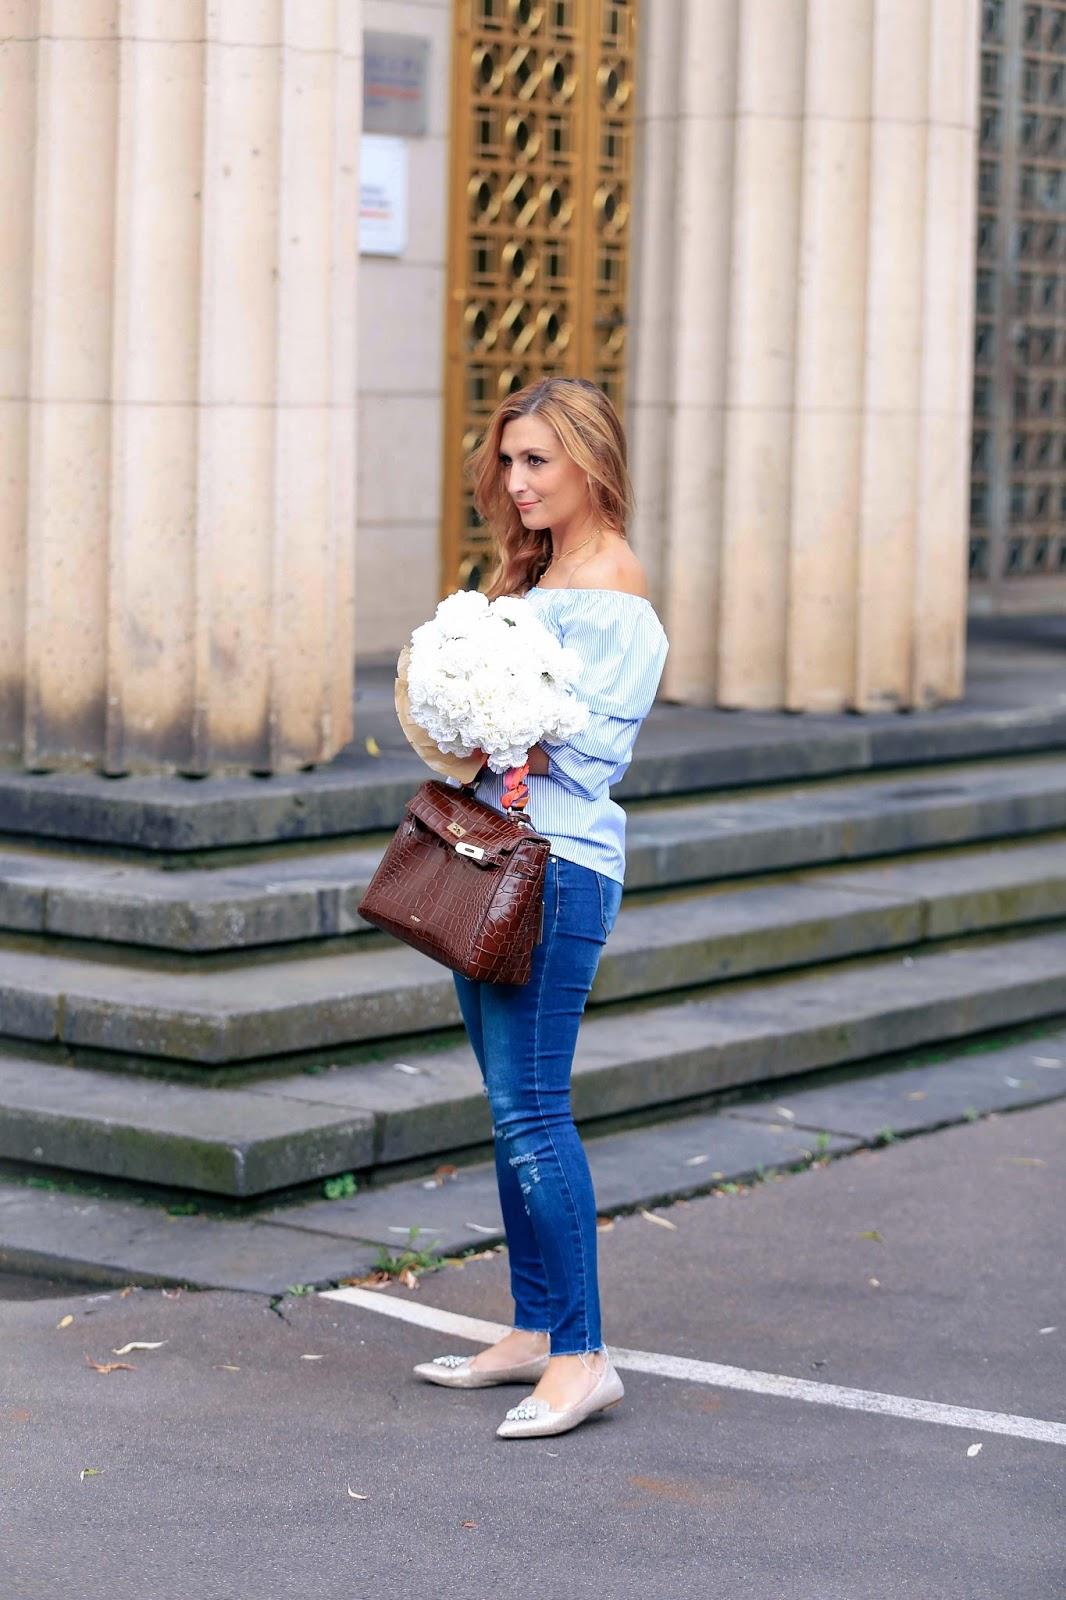 Flache-schuhe-it-einer-brosche-spitze-schuhe-offshoulder-Bluse-skinny-jeans-bloggerstyle-herbstlook-fashionstylebyjohanna